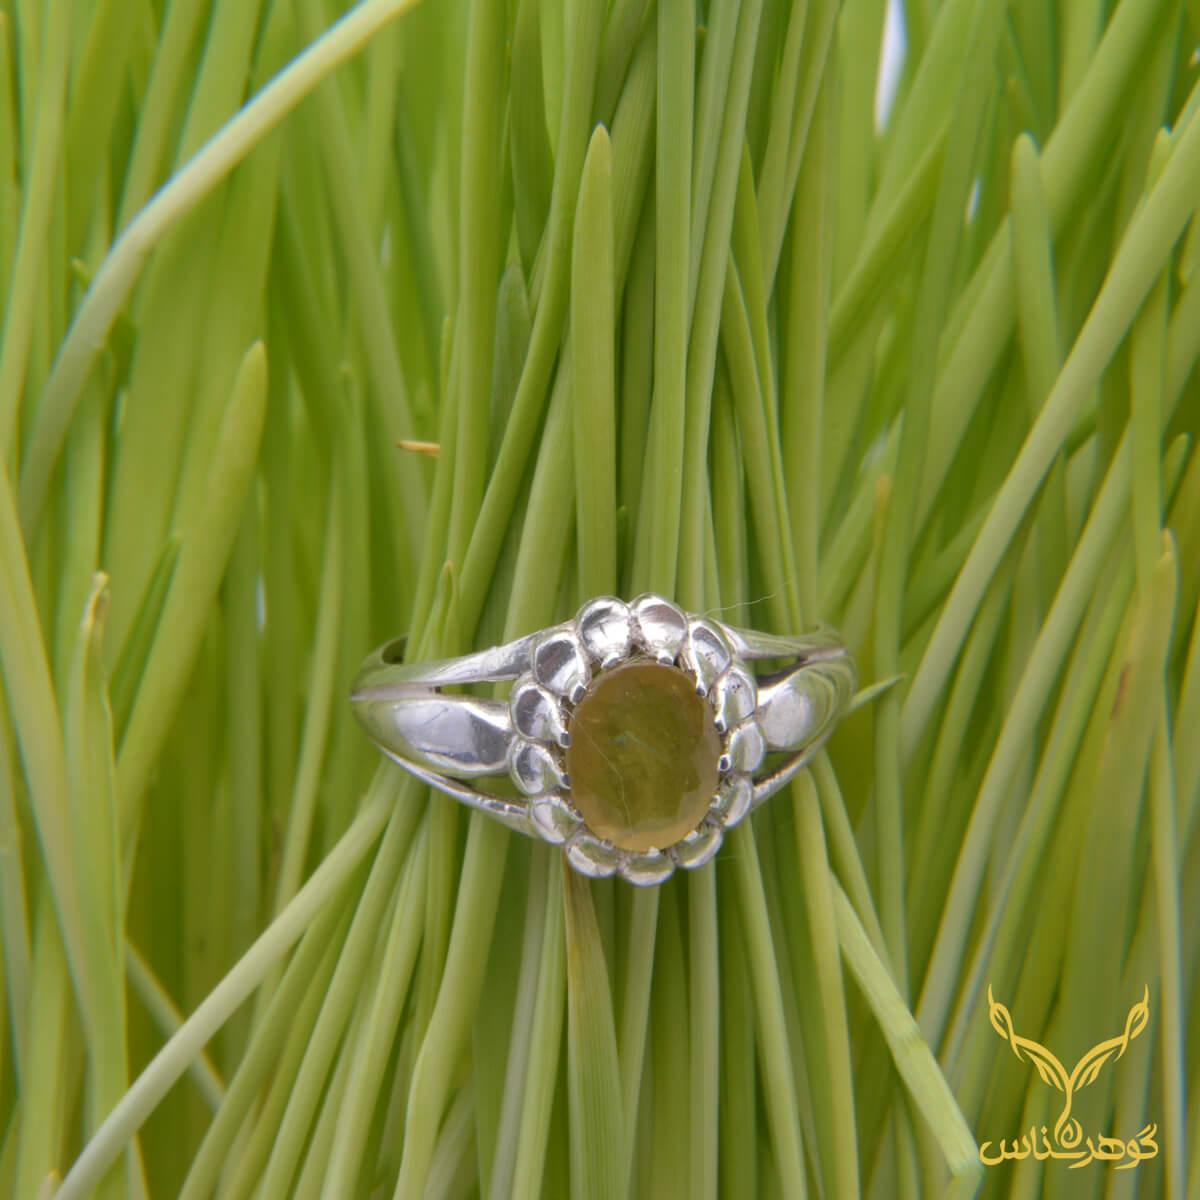 انگشتر یاقوت زرد کدEA0010 این انگشتر ظریف که طرح های اشکی آن سنگ را احاطه کرده اند، ترکیب زیبایی از ظرافت و زیبایی را به نمایش گذاشته اند.